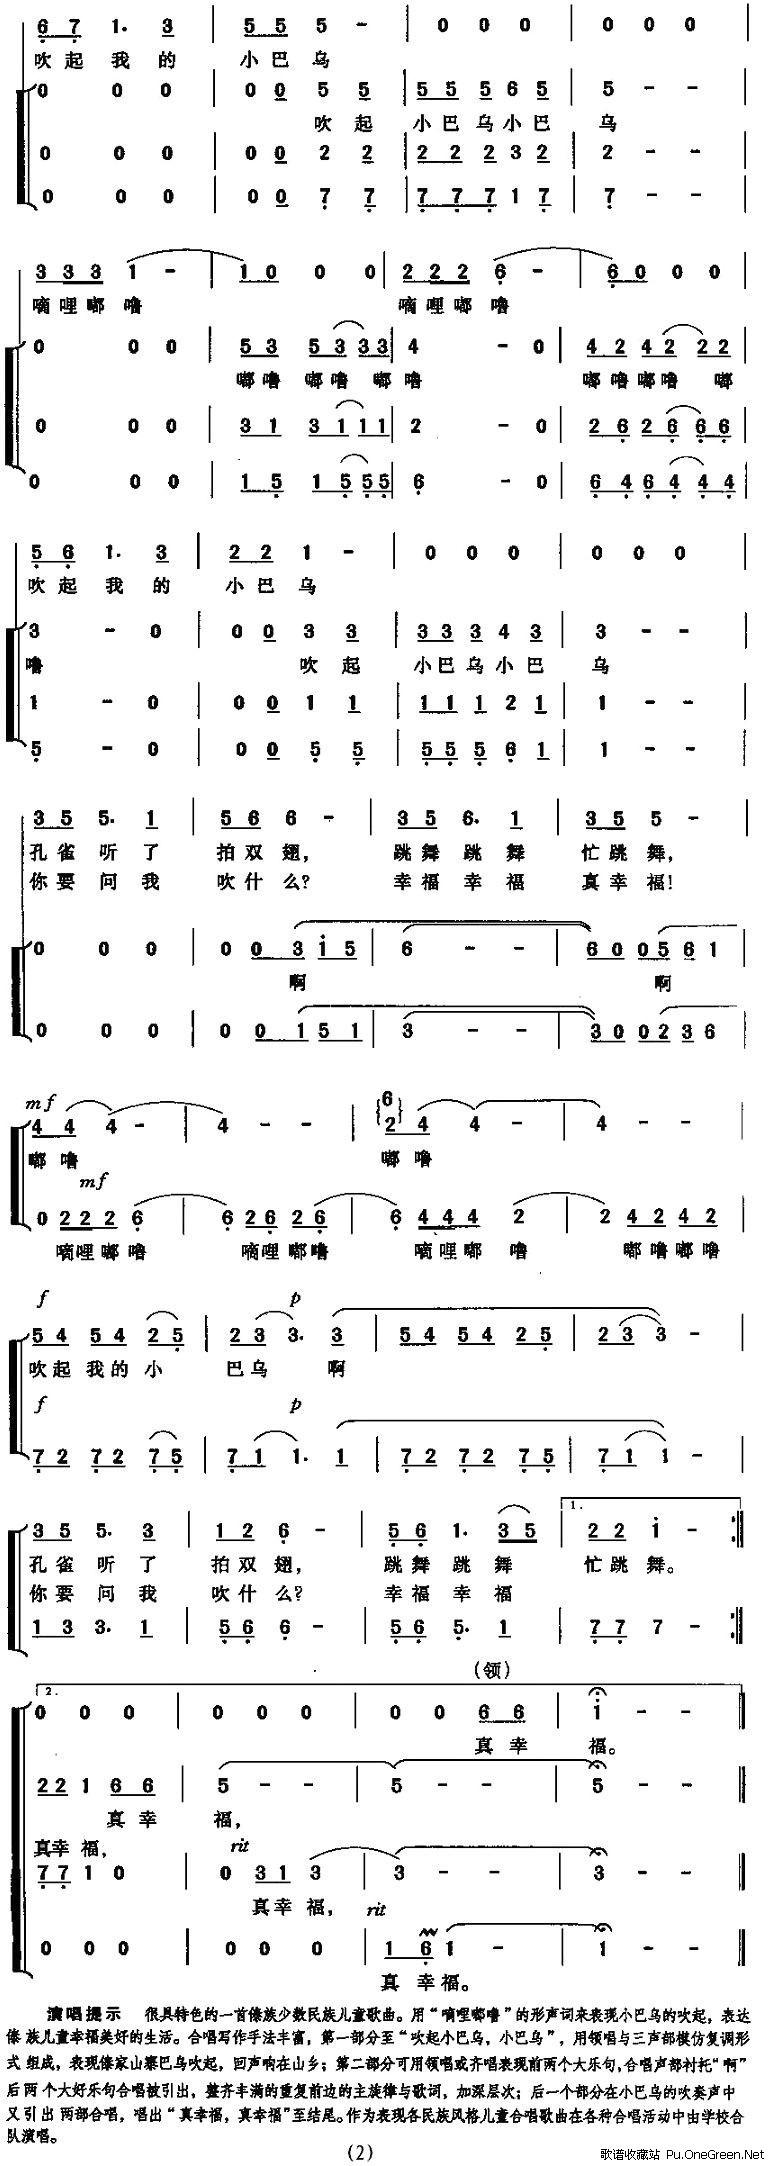 上一首歌谱: 园丁颂歌(合唱) 下一首歌谱